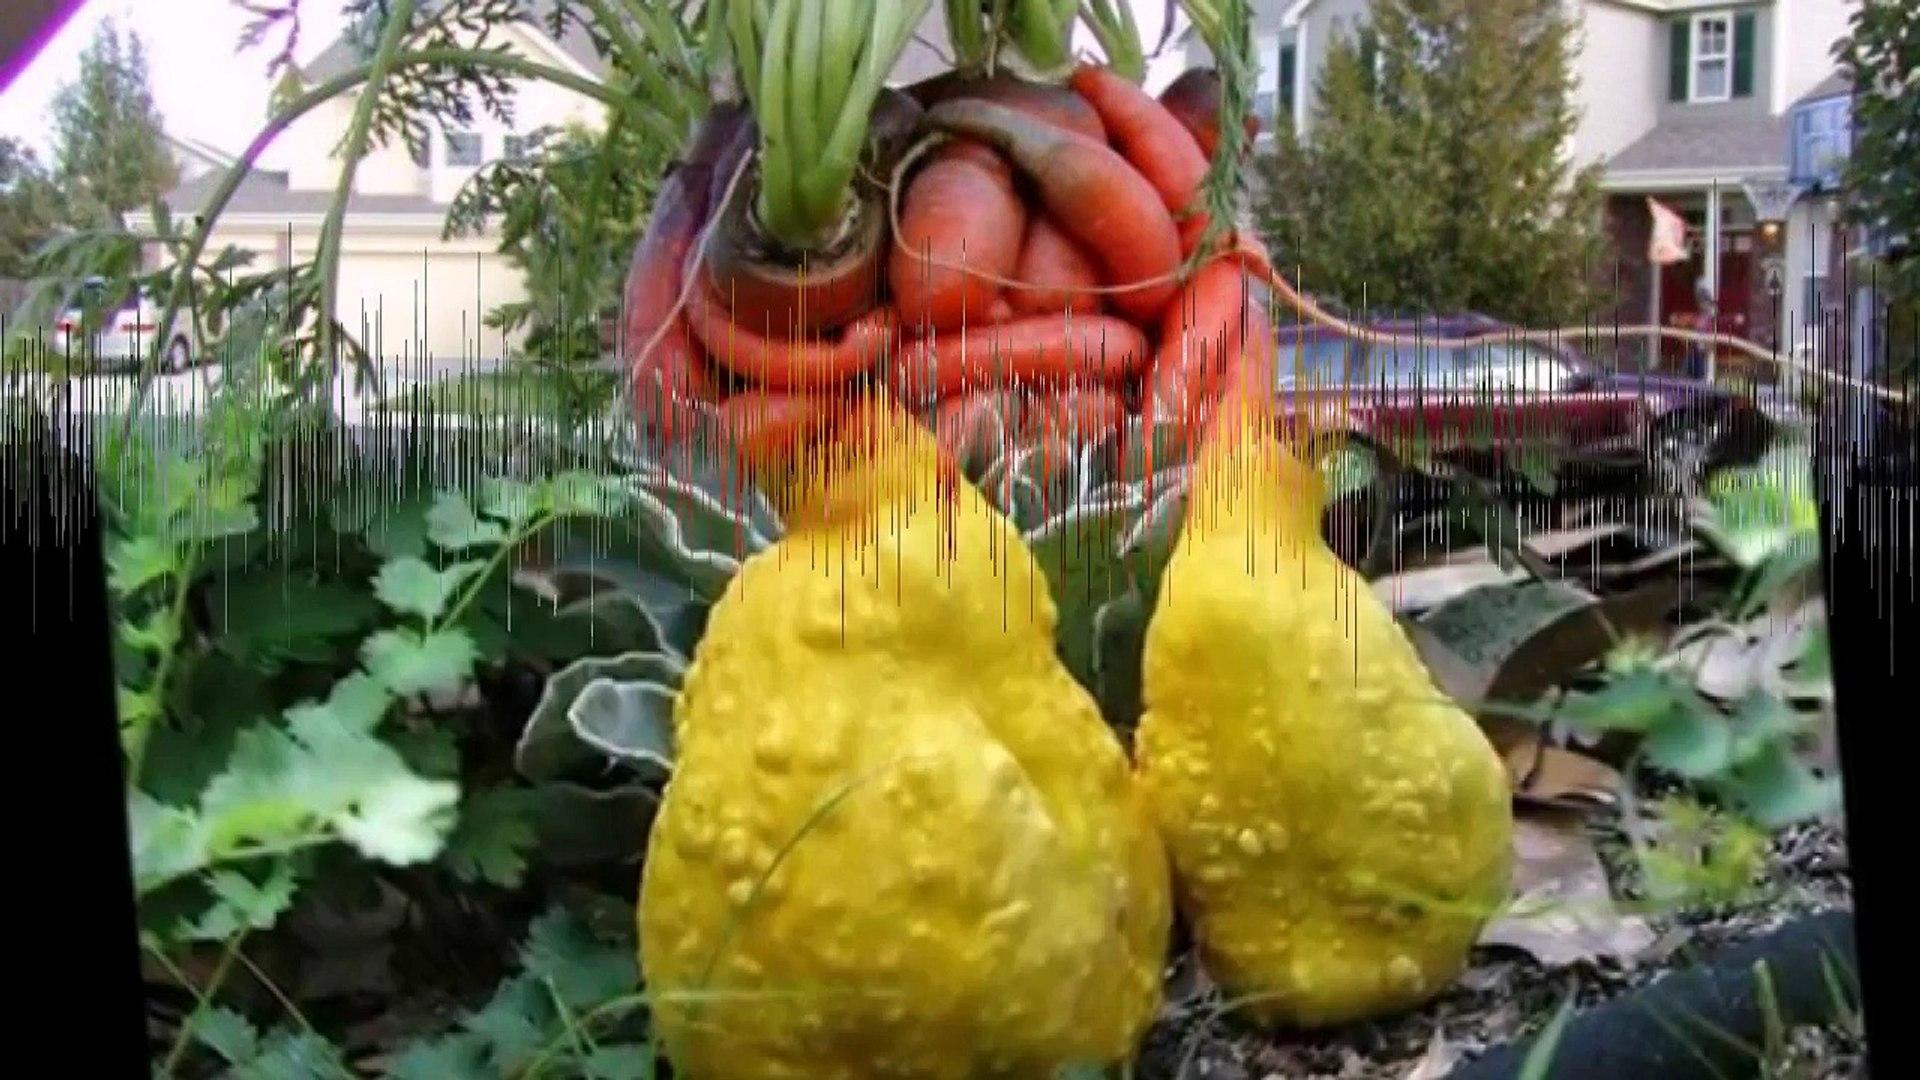 Забавные овощи и фрукты.#5.Amusing vegetables and fruit.#5.